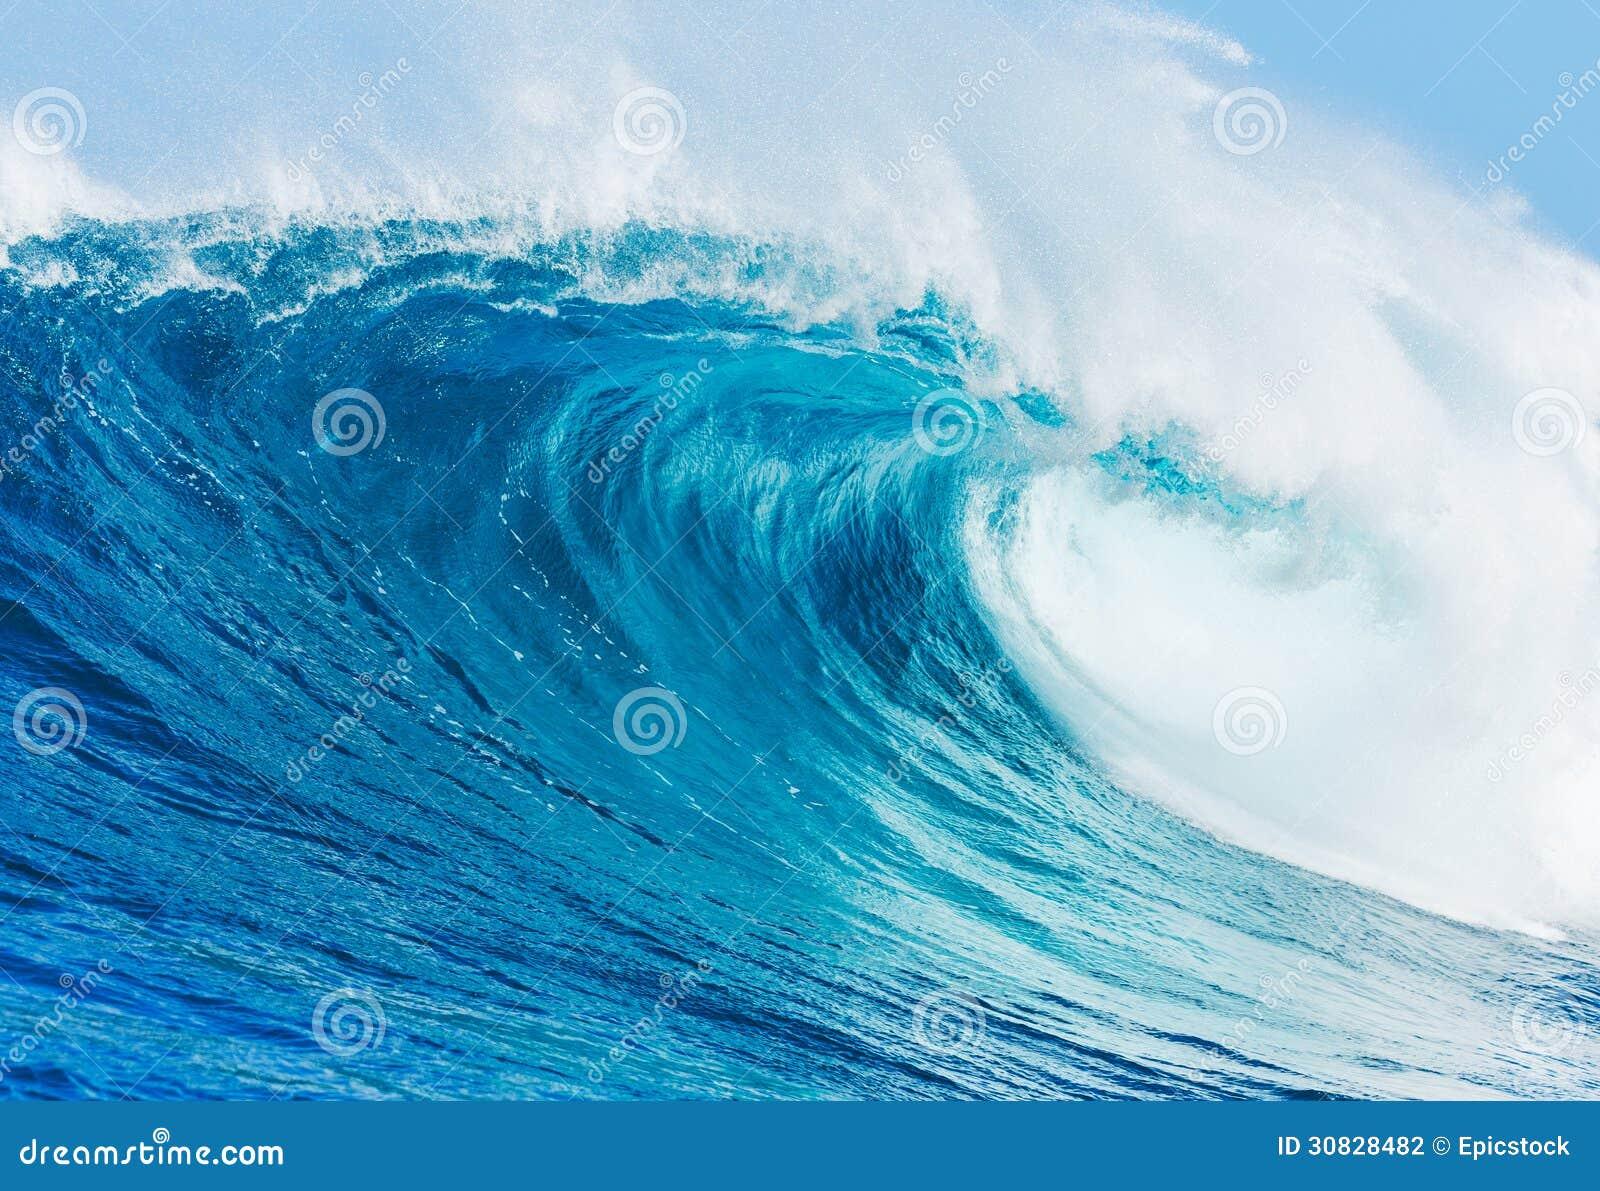 Wave praticante il surfing perfetto